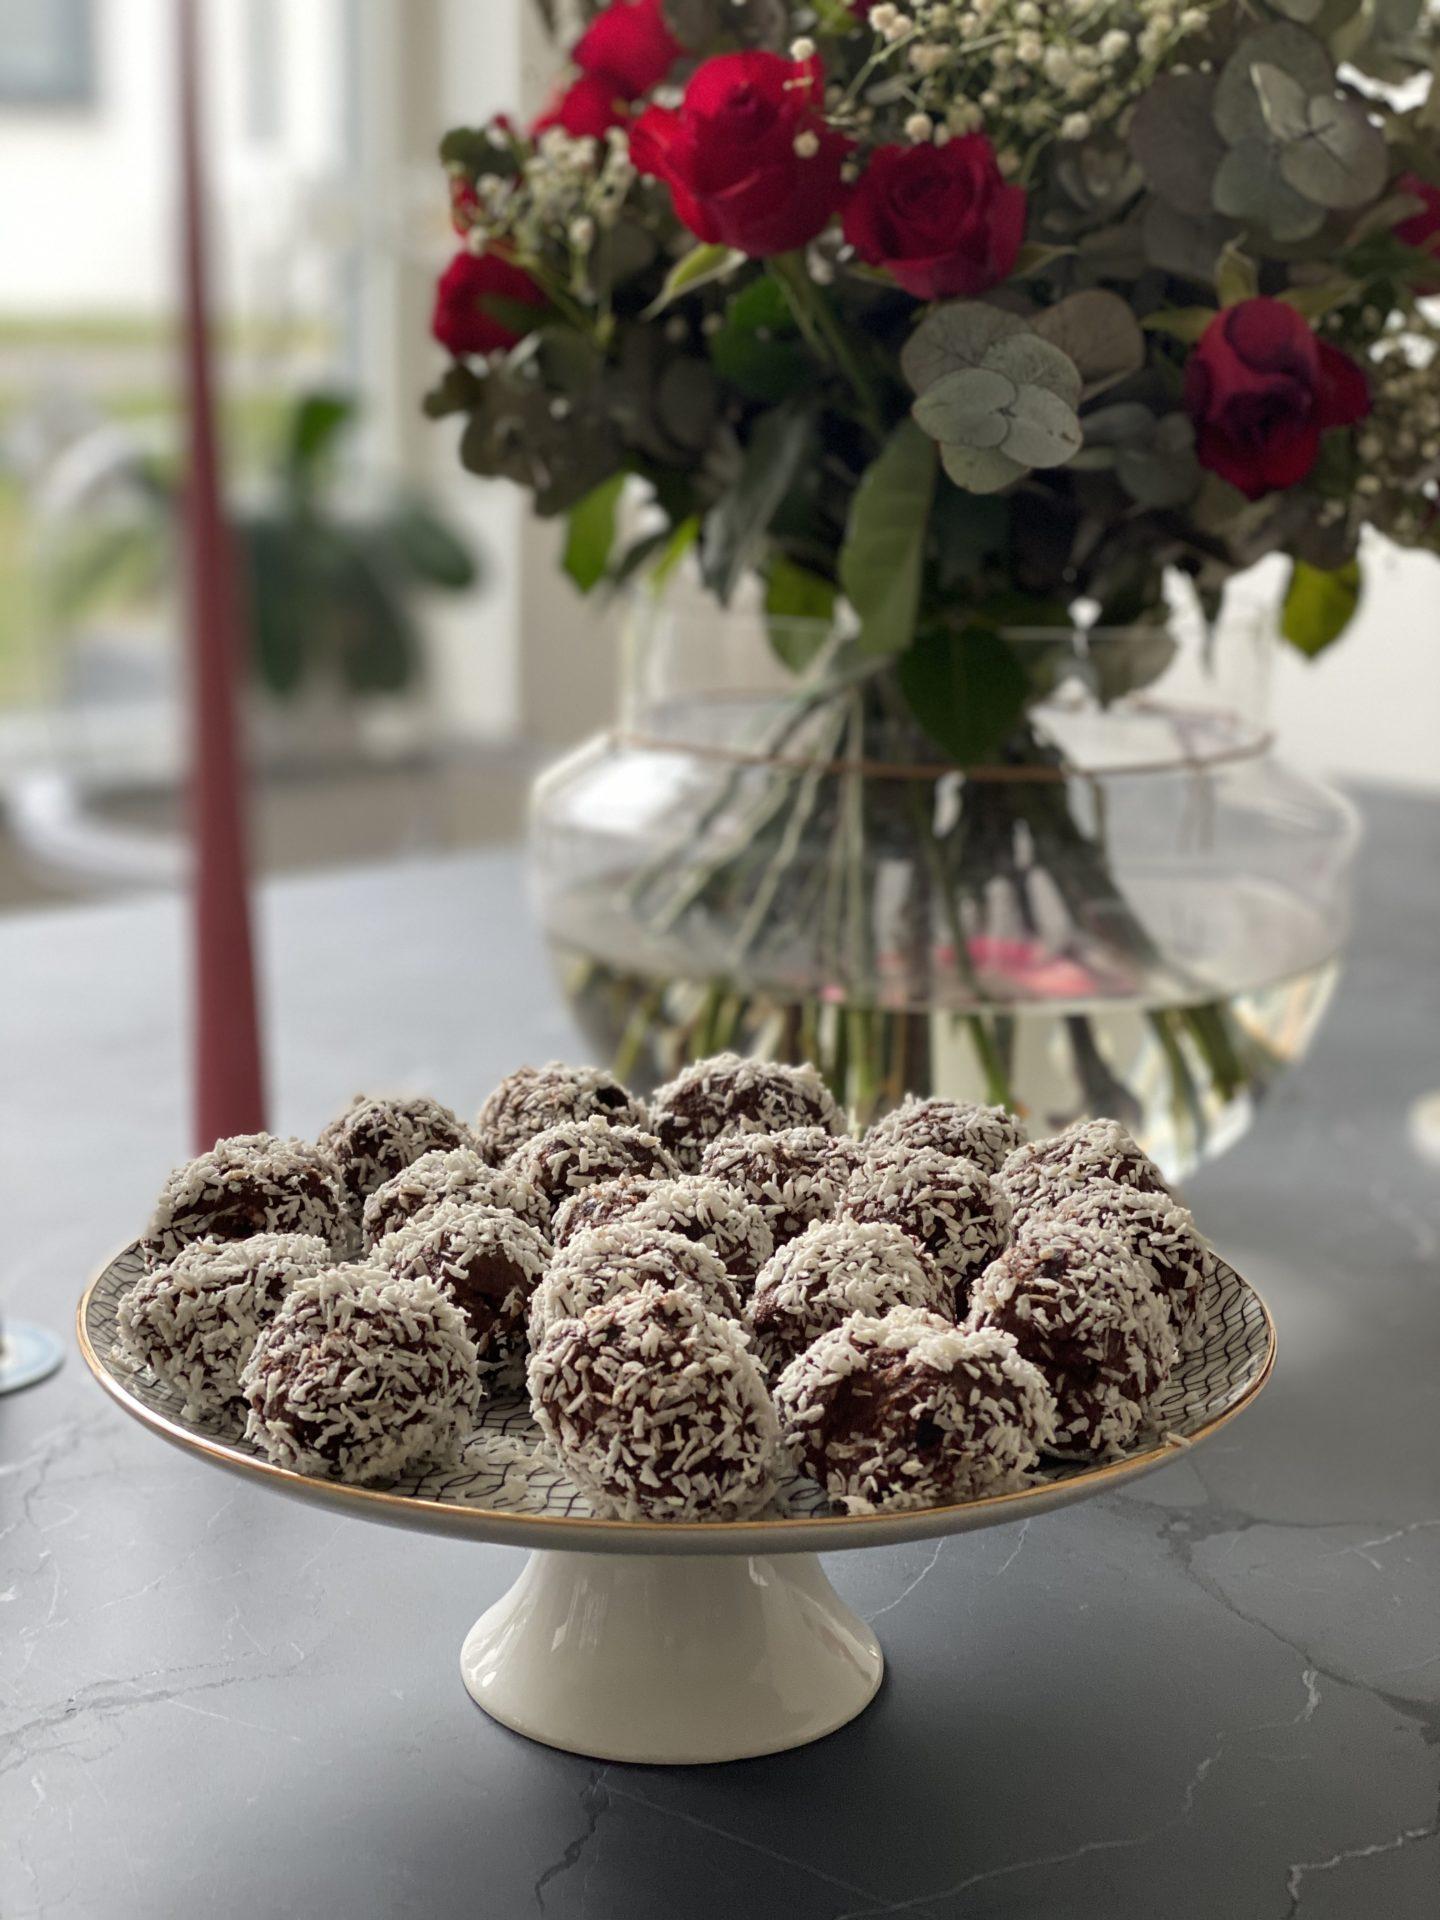 Recept på raw chokladbollar 